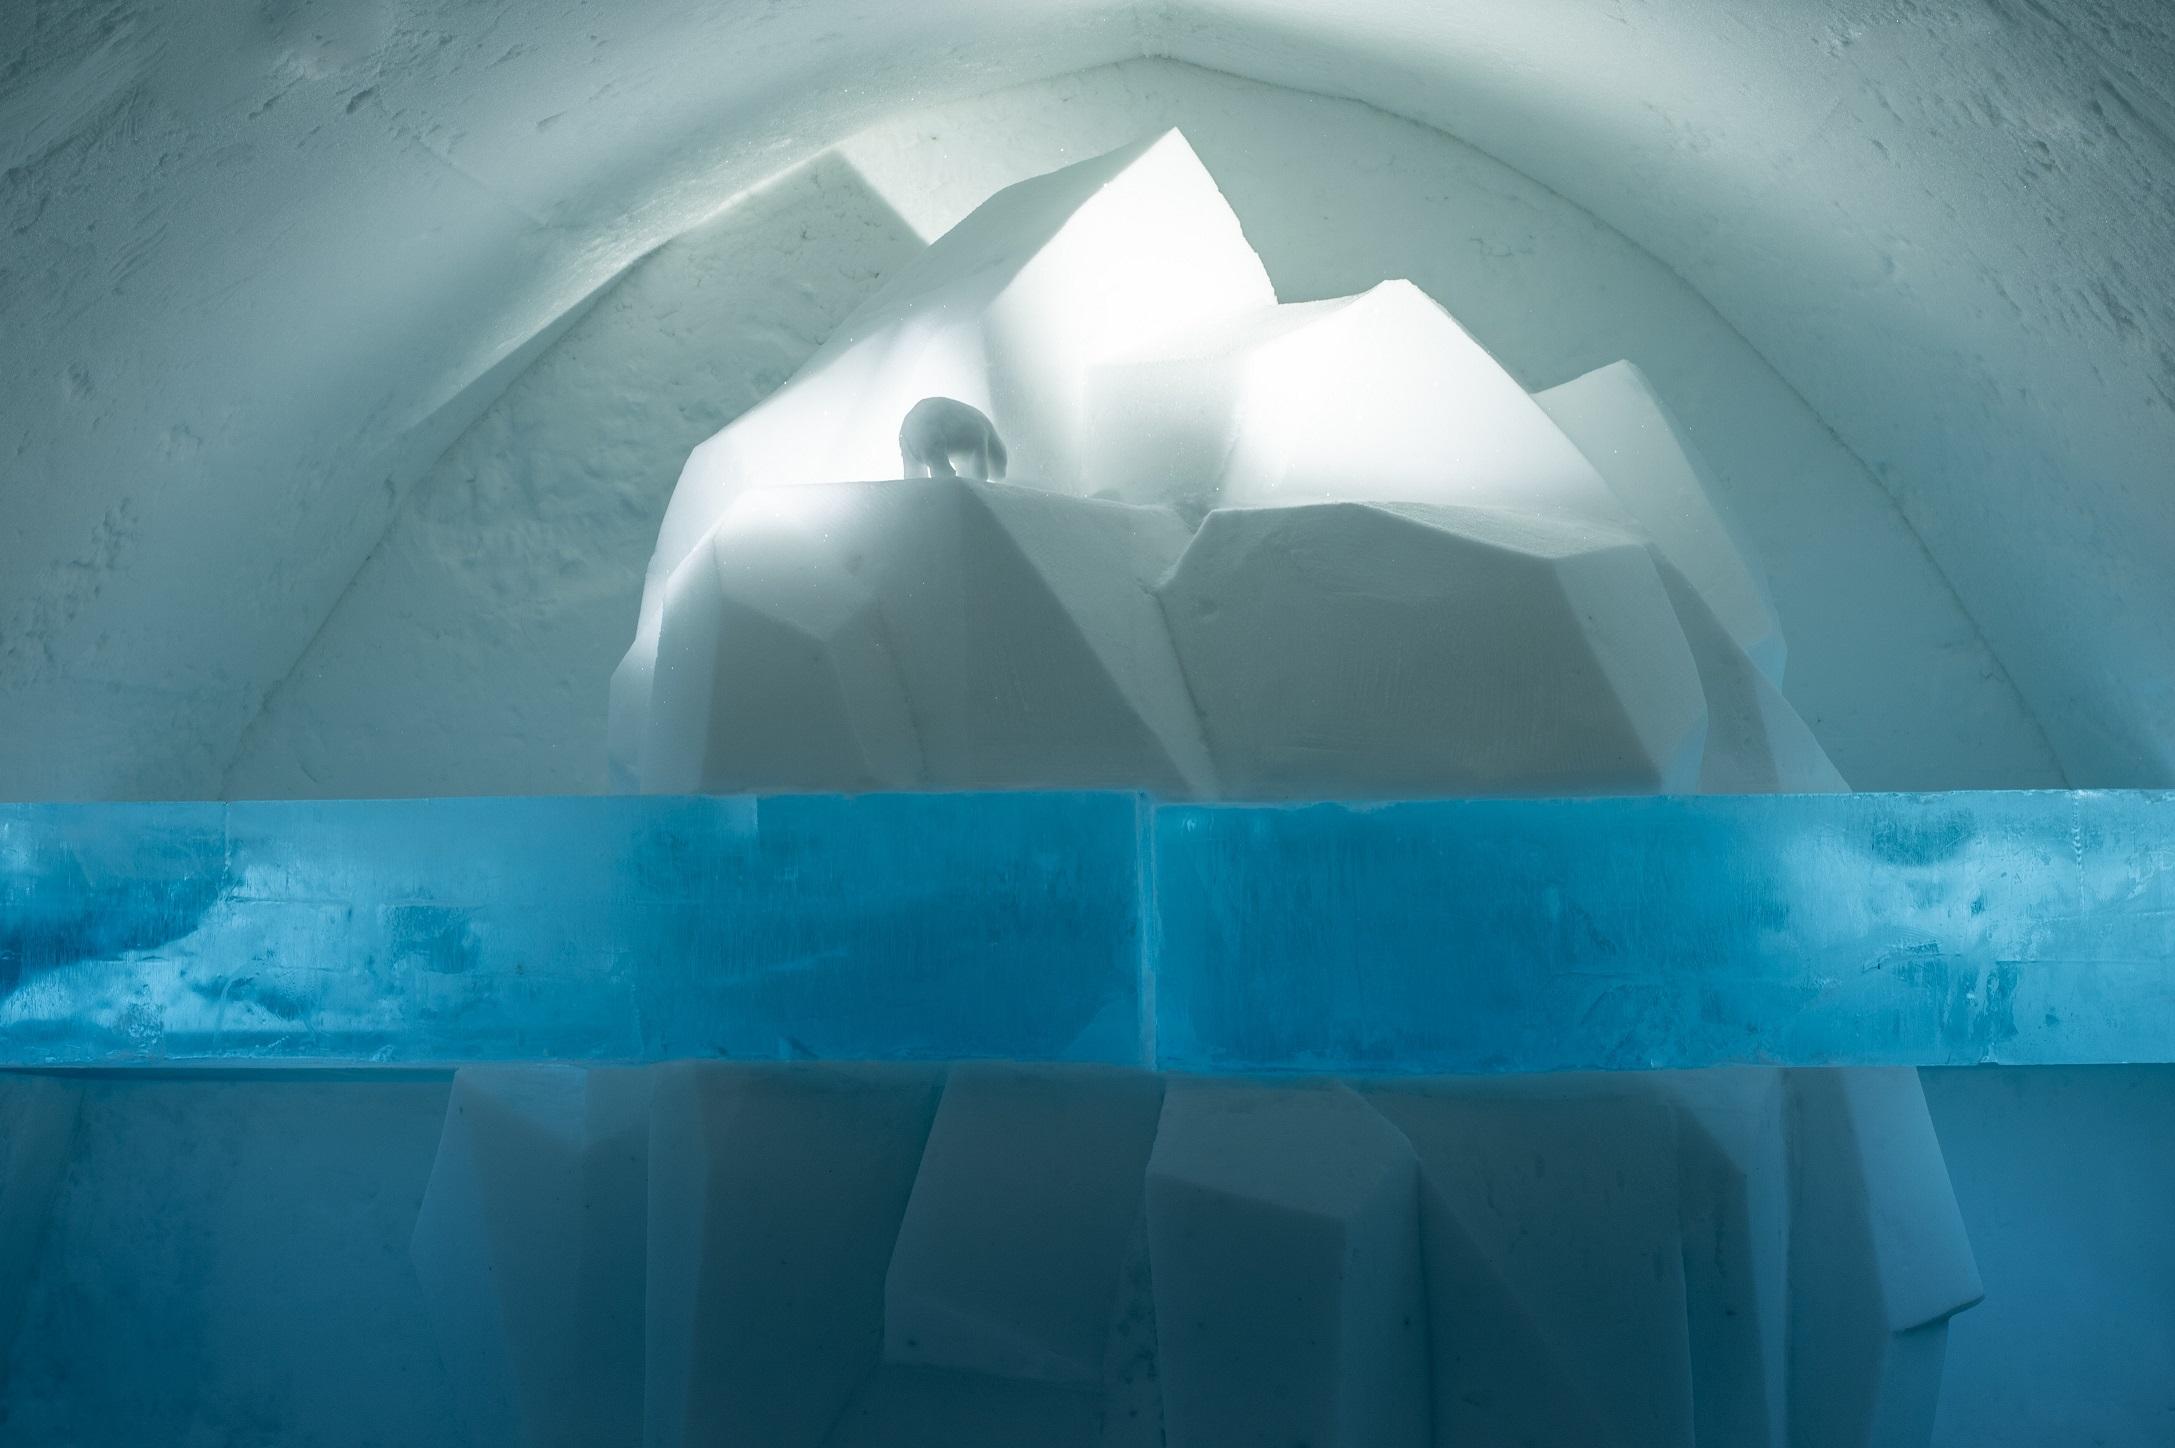 Tip of the Iceberg Credit Franziska Agrawal Asaf Kliger Icehotel